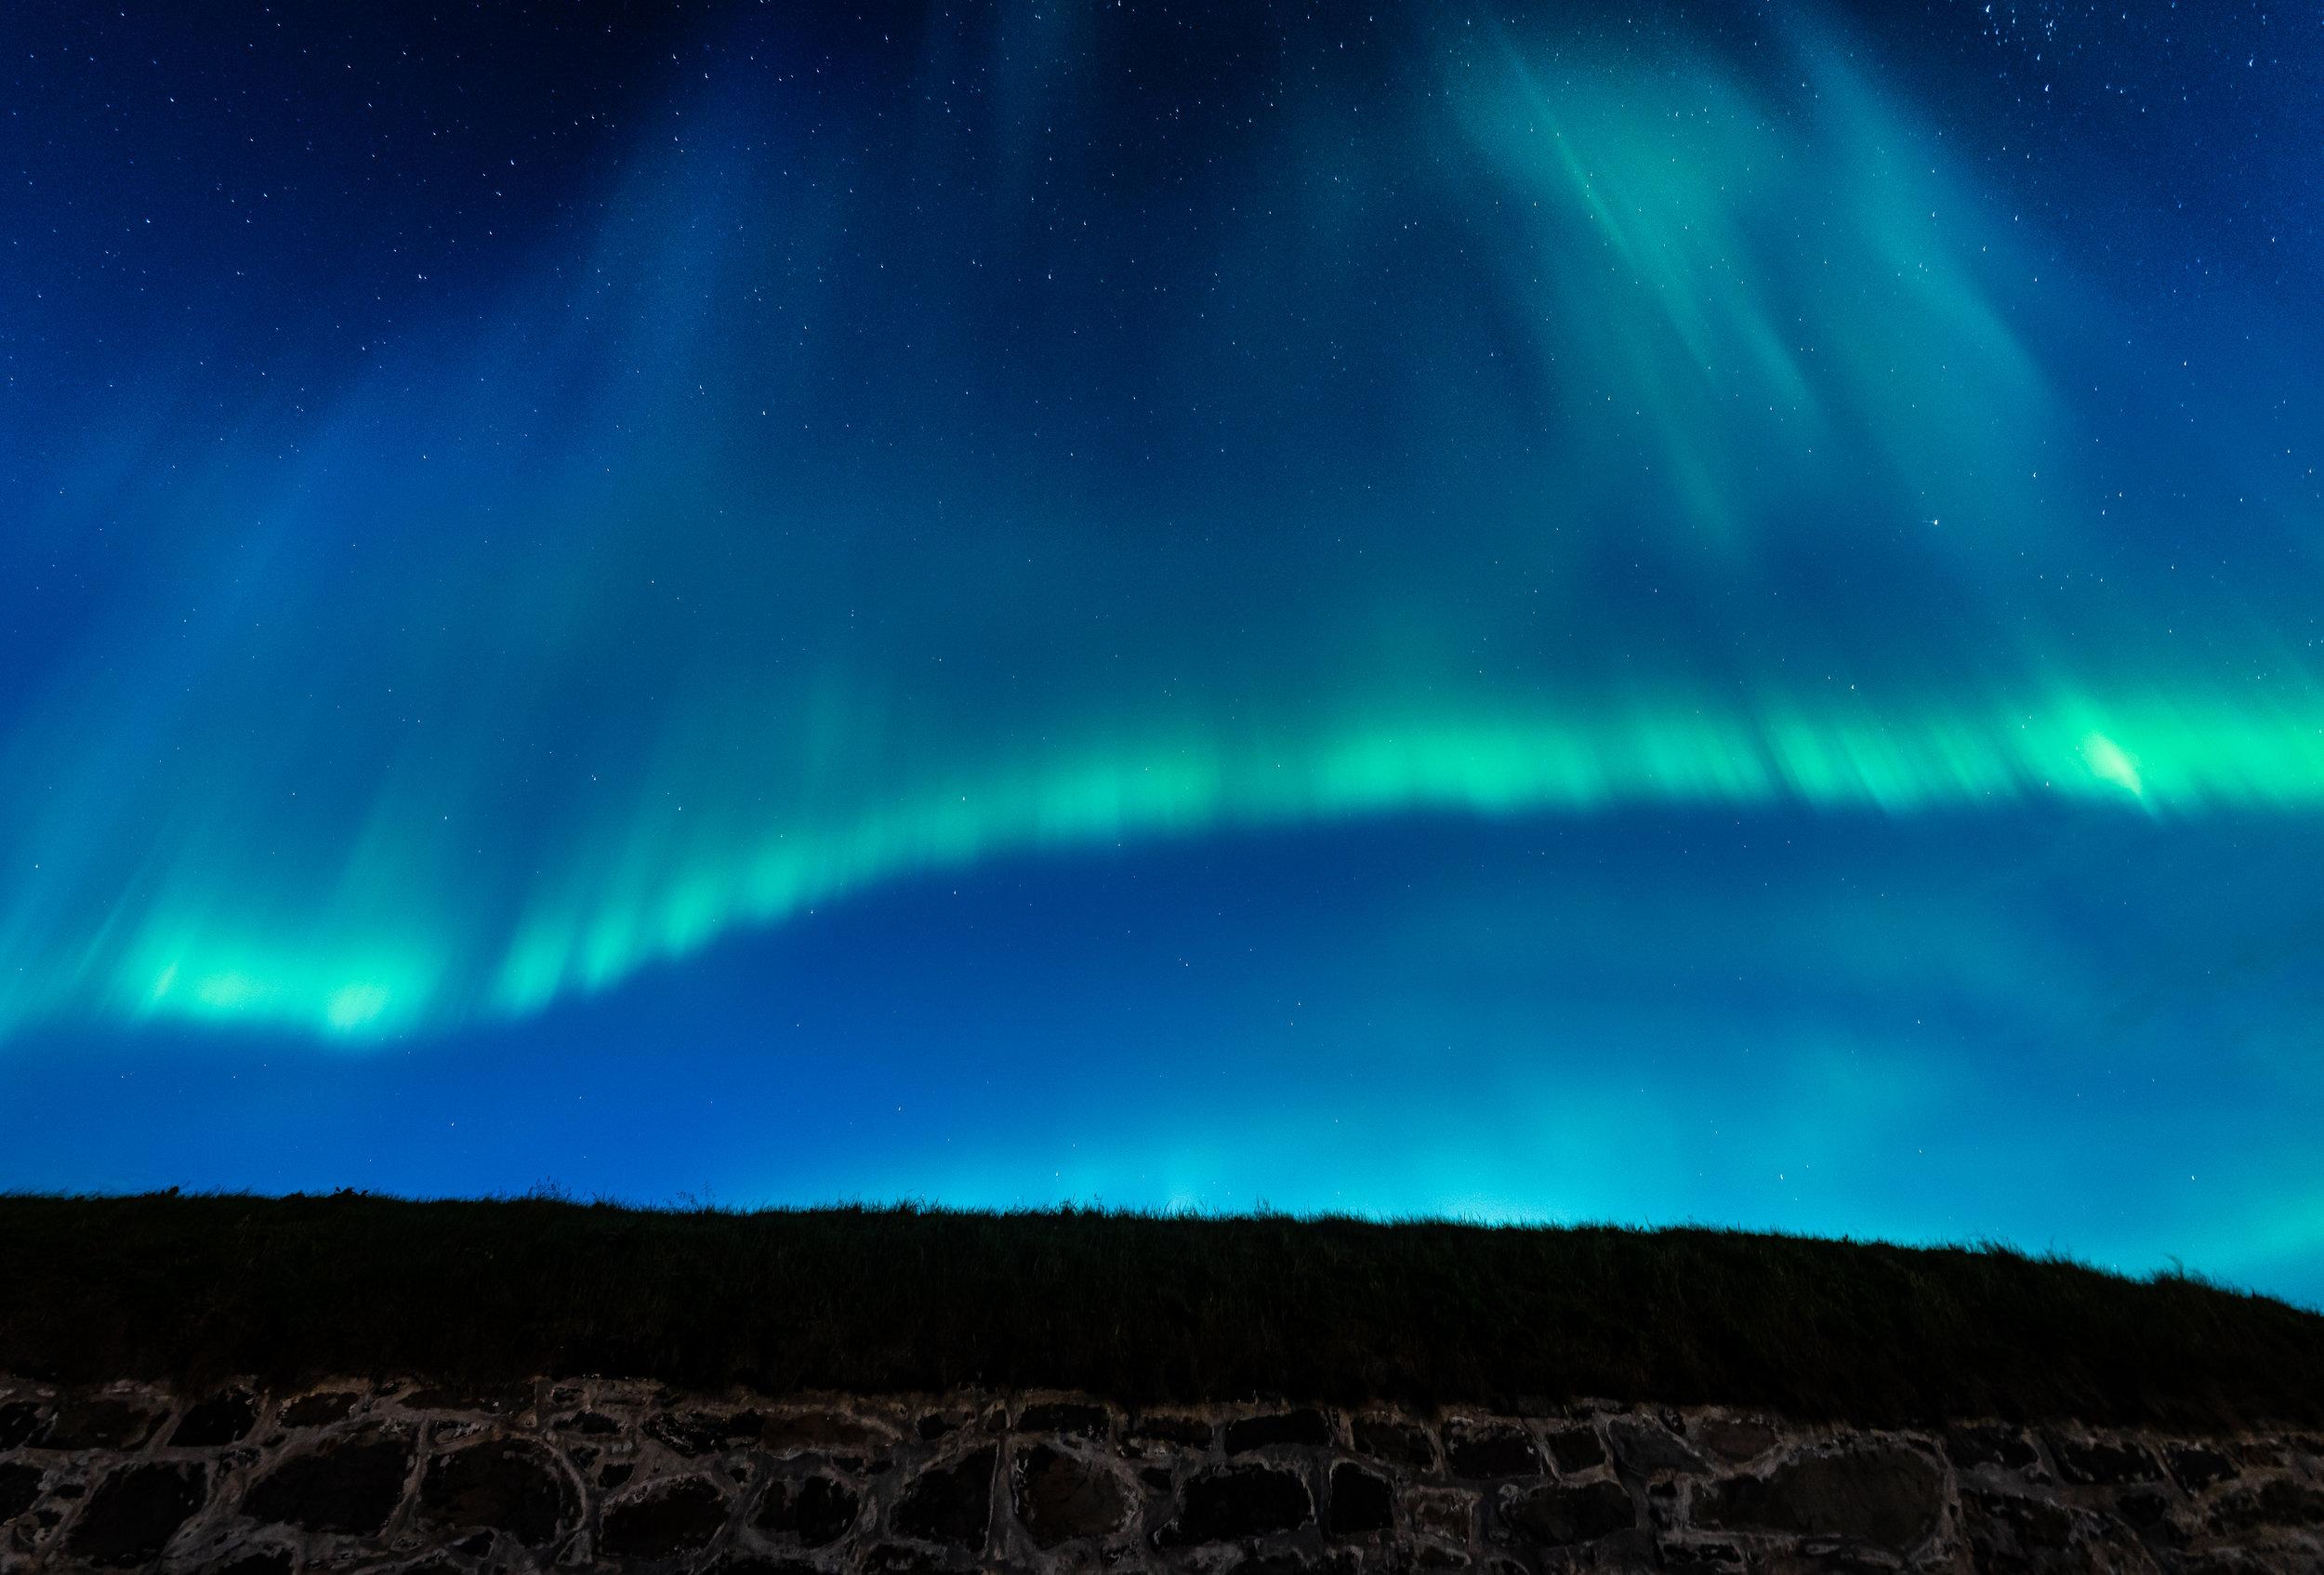 Allerede i slutten av august kan du oppleve nordlyset i Vardø. Dette bildet ble tatt 30. august 2019. ©Bjørn Joachimsen.